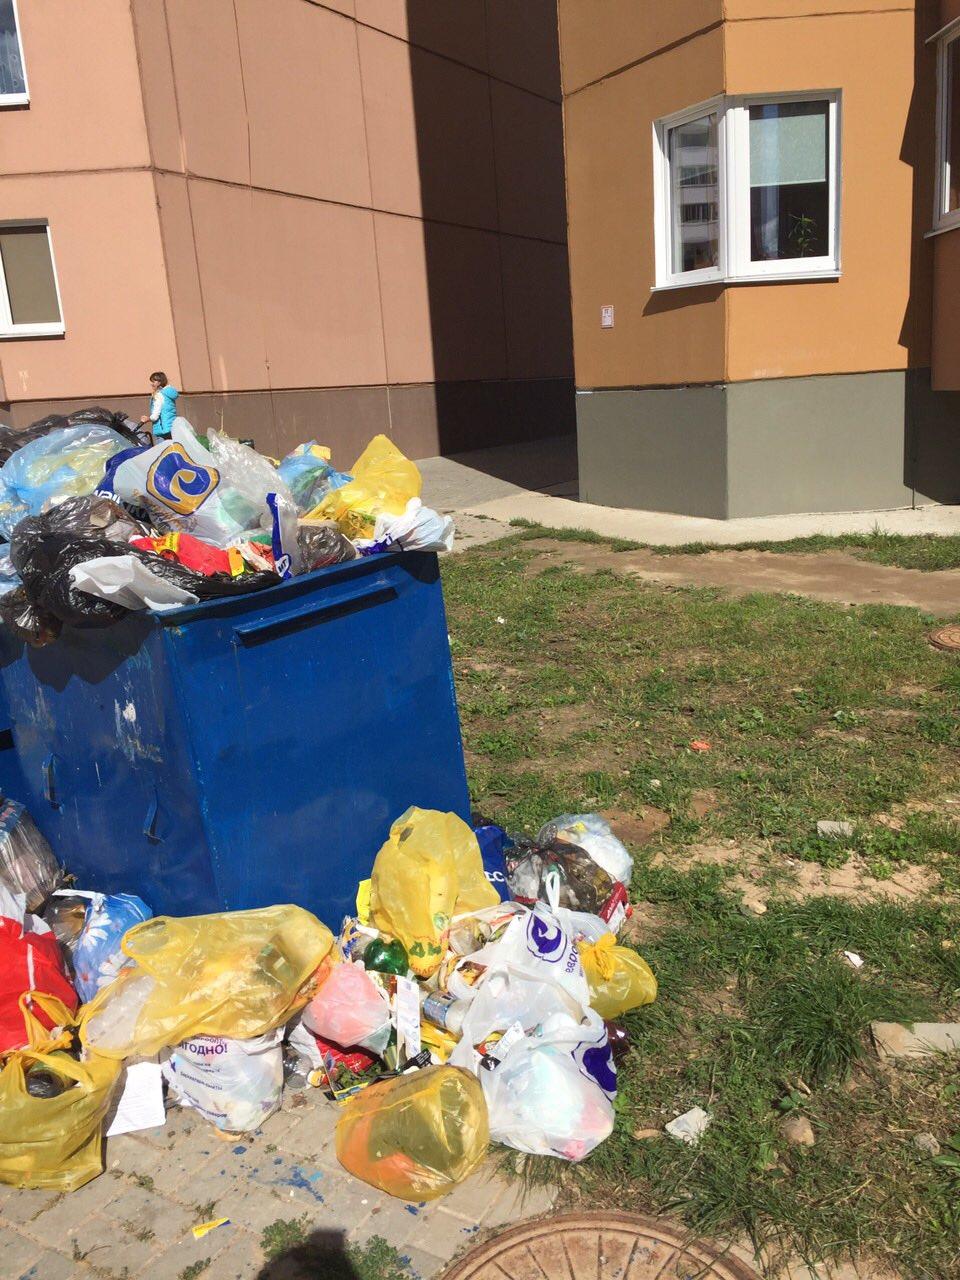 «Мусор не вывозится неделями». Как полочане борются с проблемой переполненных мусорных баков, фото-1